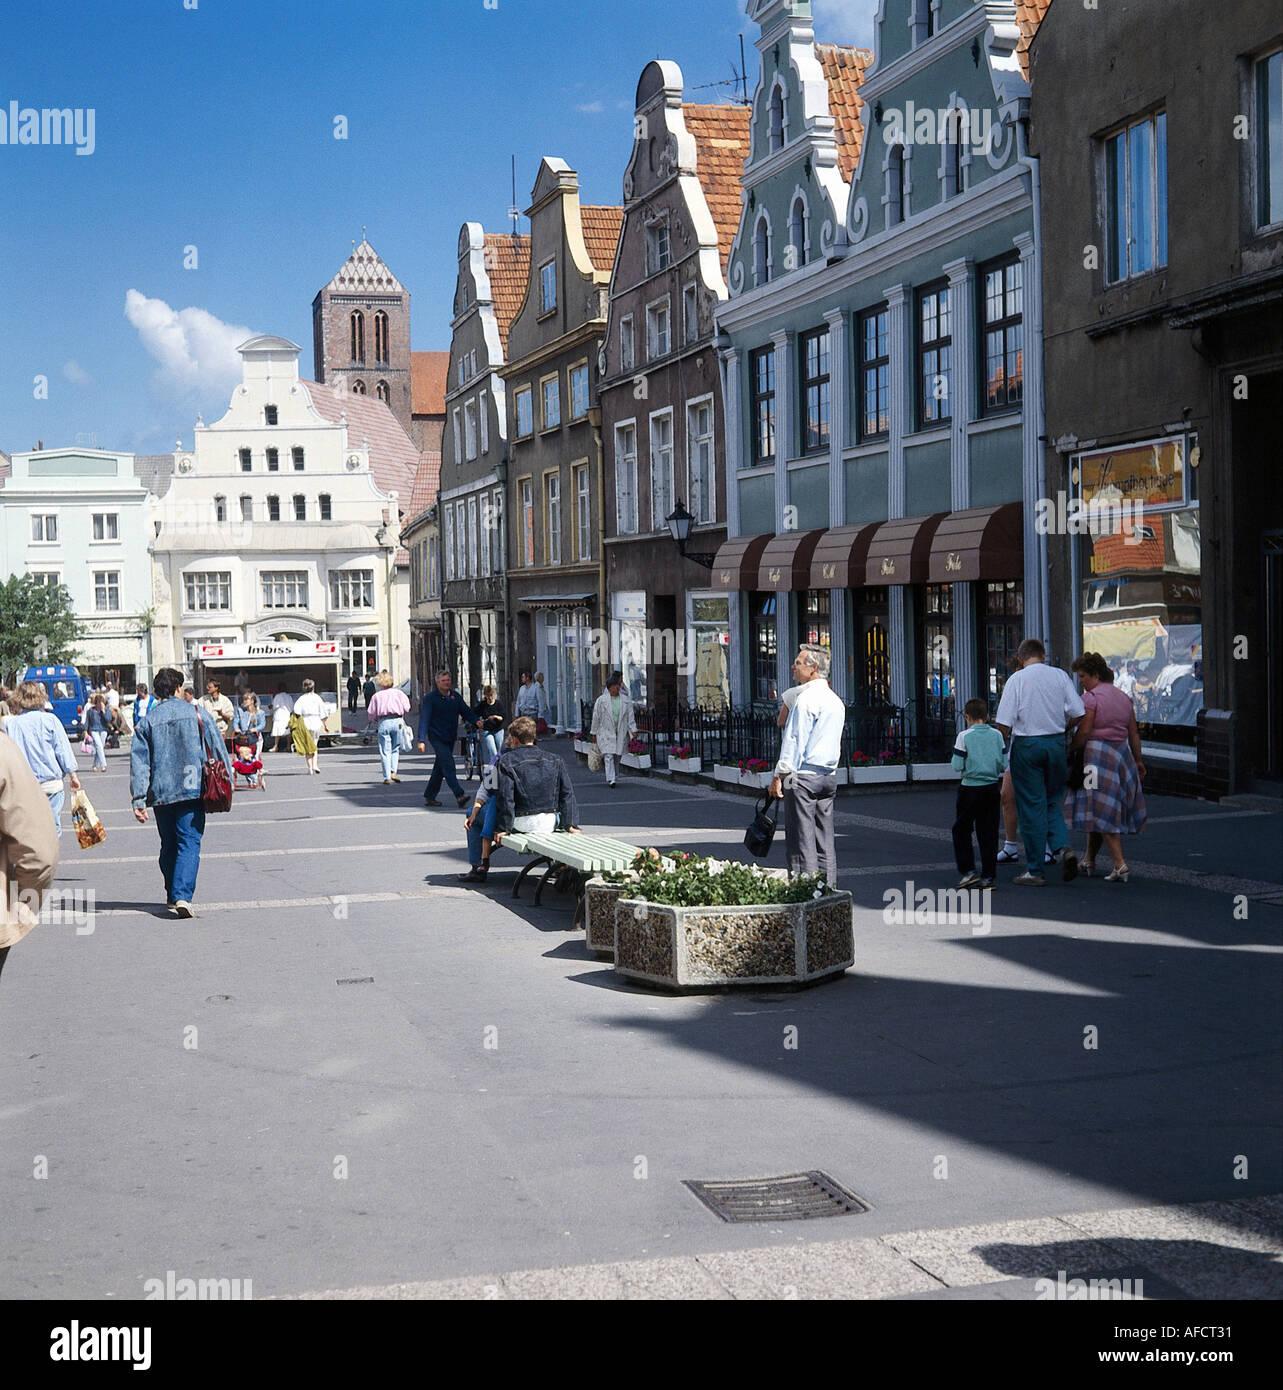 Geo., BRD, Mecklenburg Vorpommern, Wismar, Fußgängerzone, Altstadt, Fußgänger, Straßenszene, Straße, Häuser, Unesco, Stock Photo